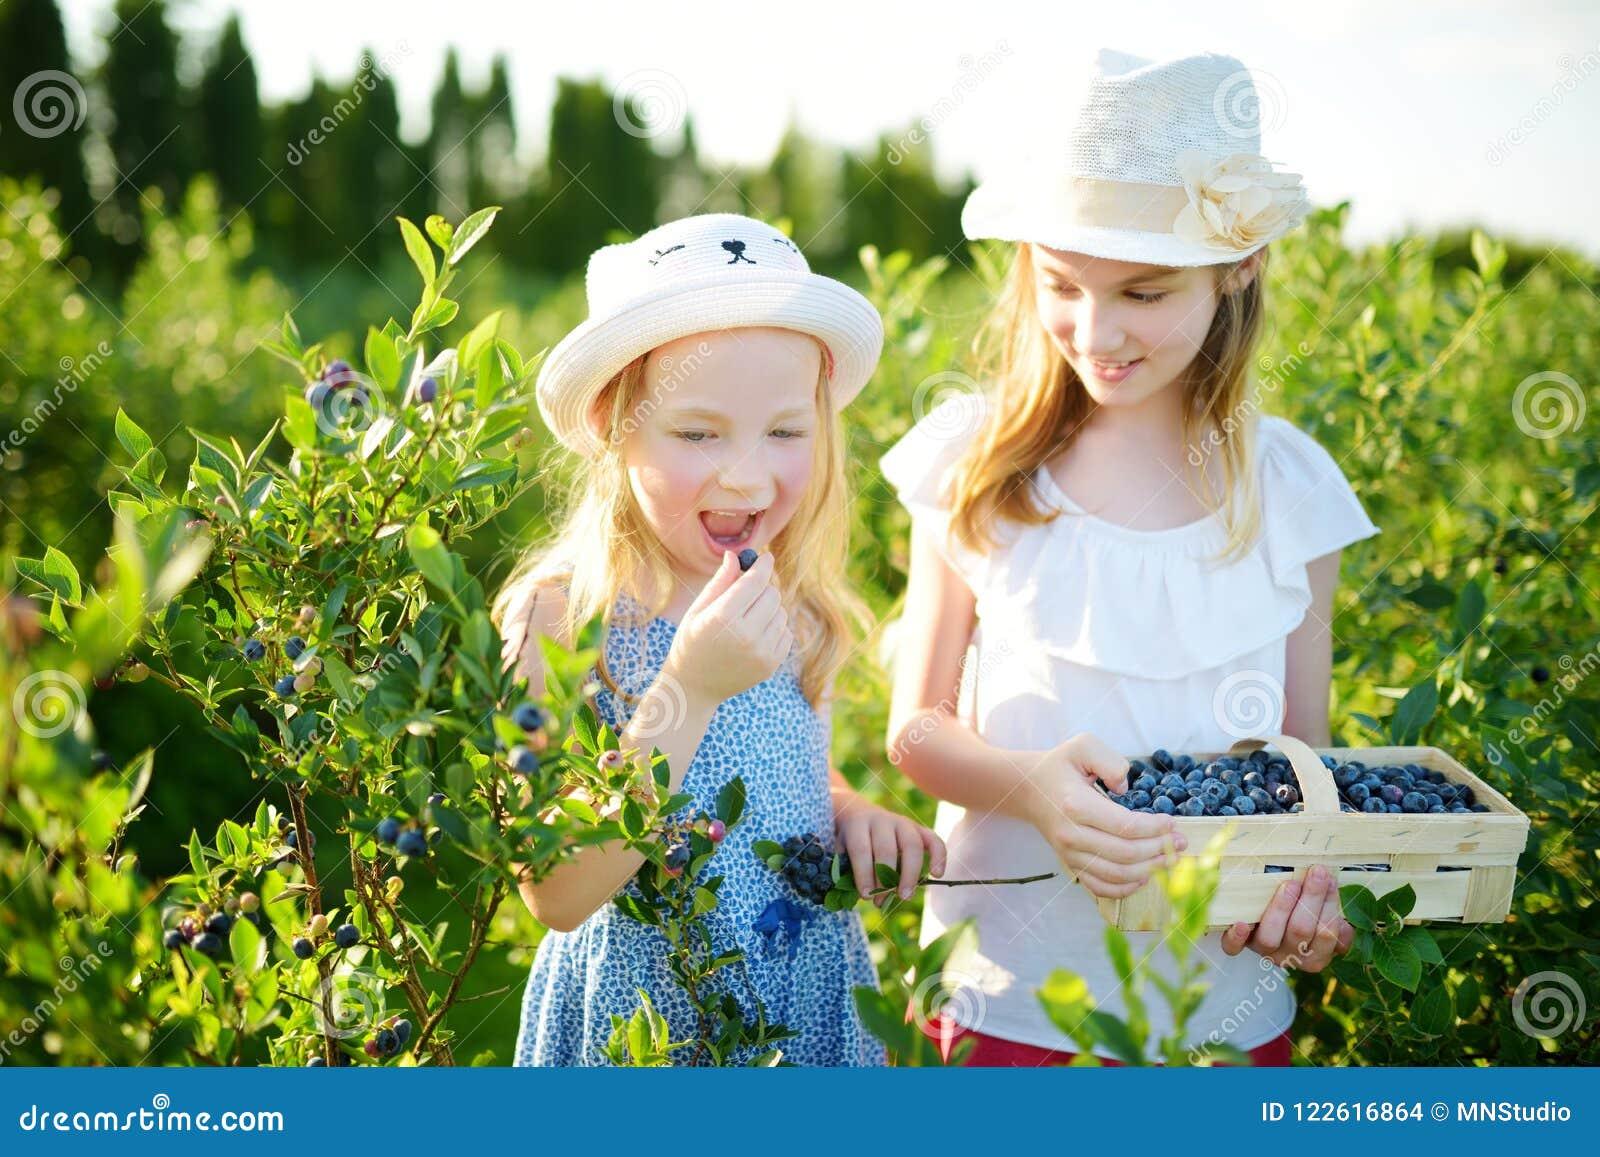 Leuke kleine zusters die verse bessen op organisch bosbessenlandbouwbedrijf plukken op warme en zonnige de zomerdag Verse gezonde